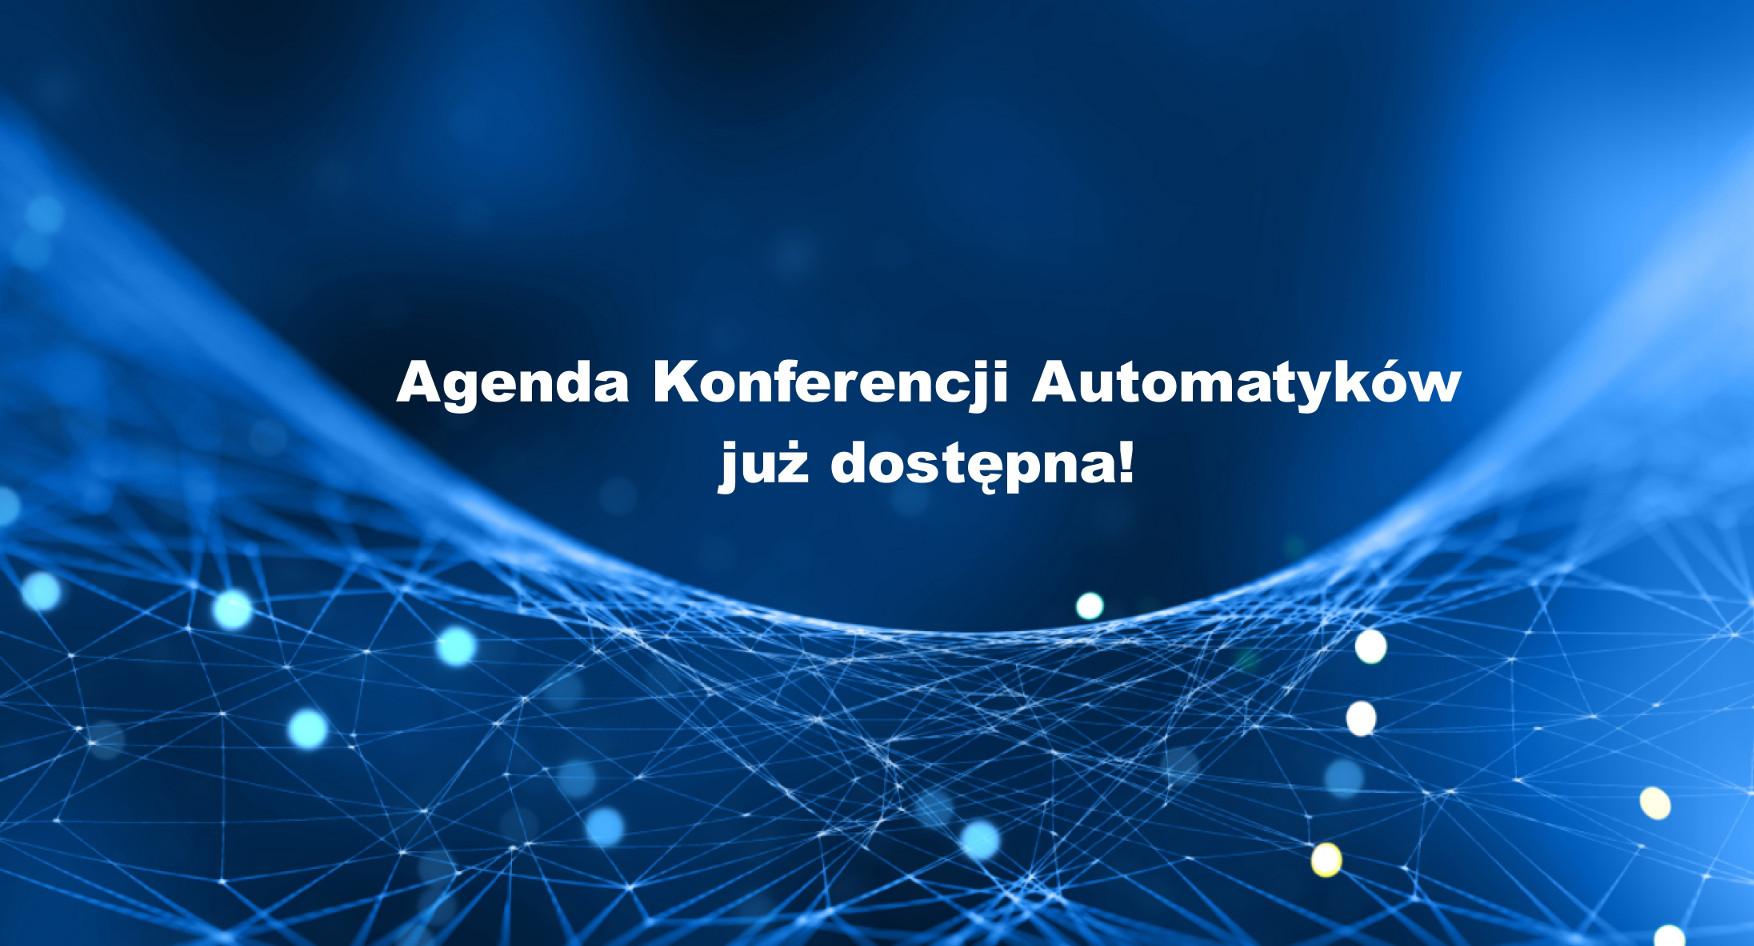 Agenda Konferencji Automatyków